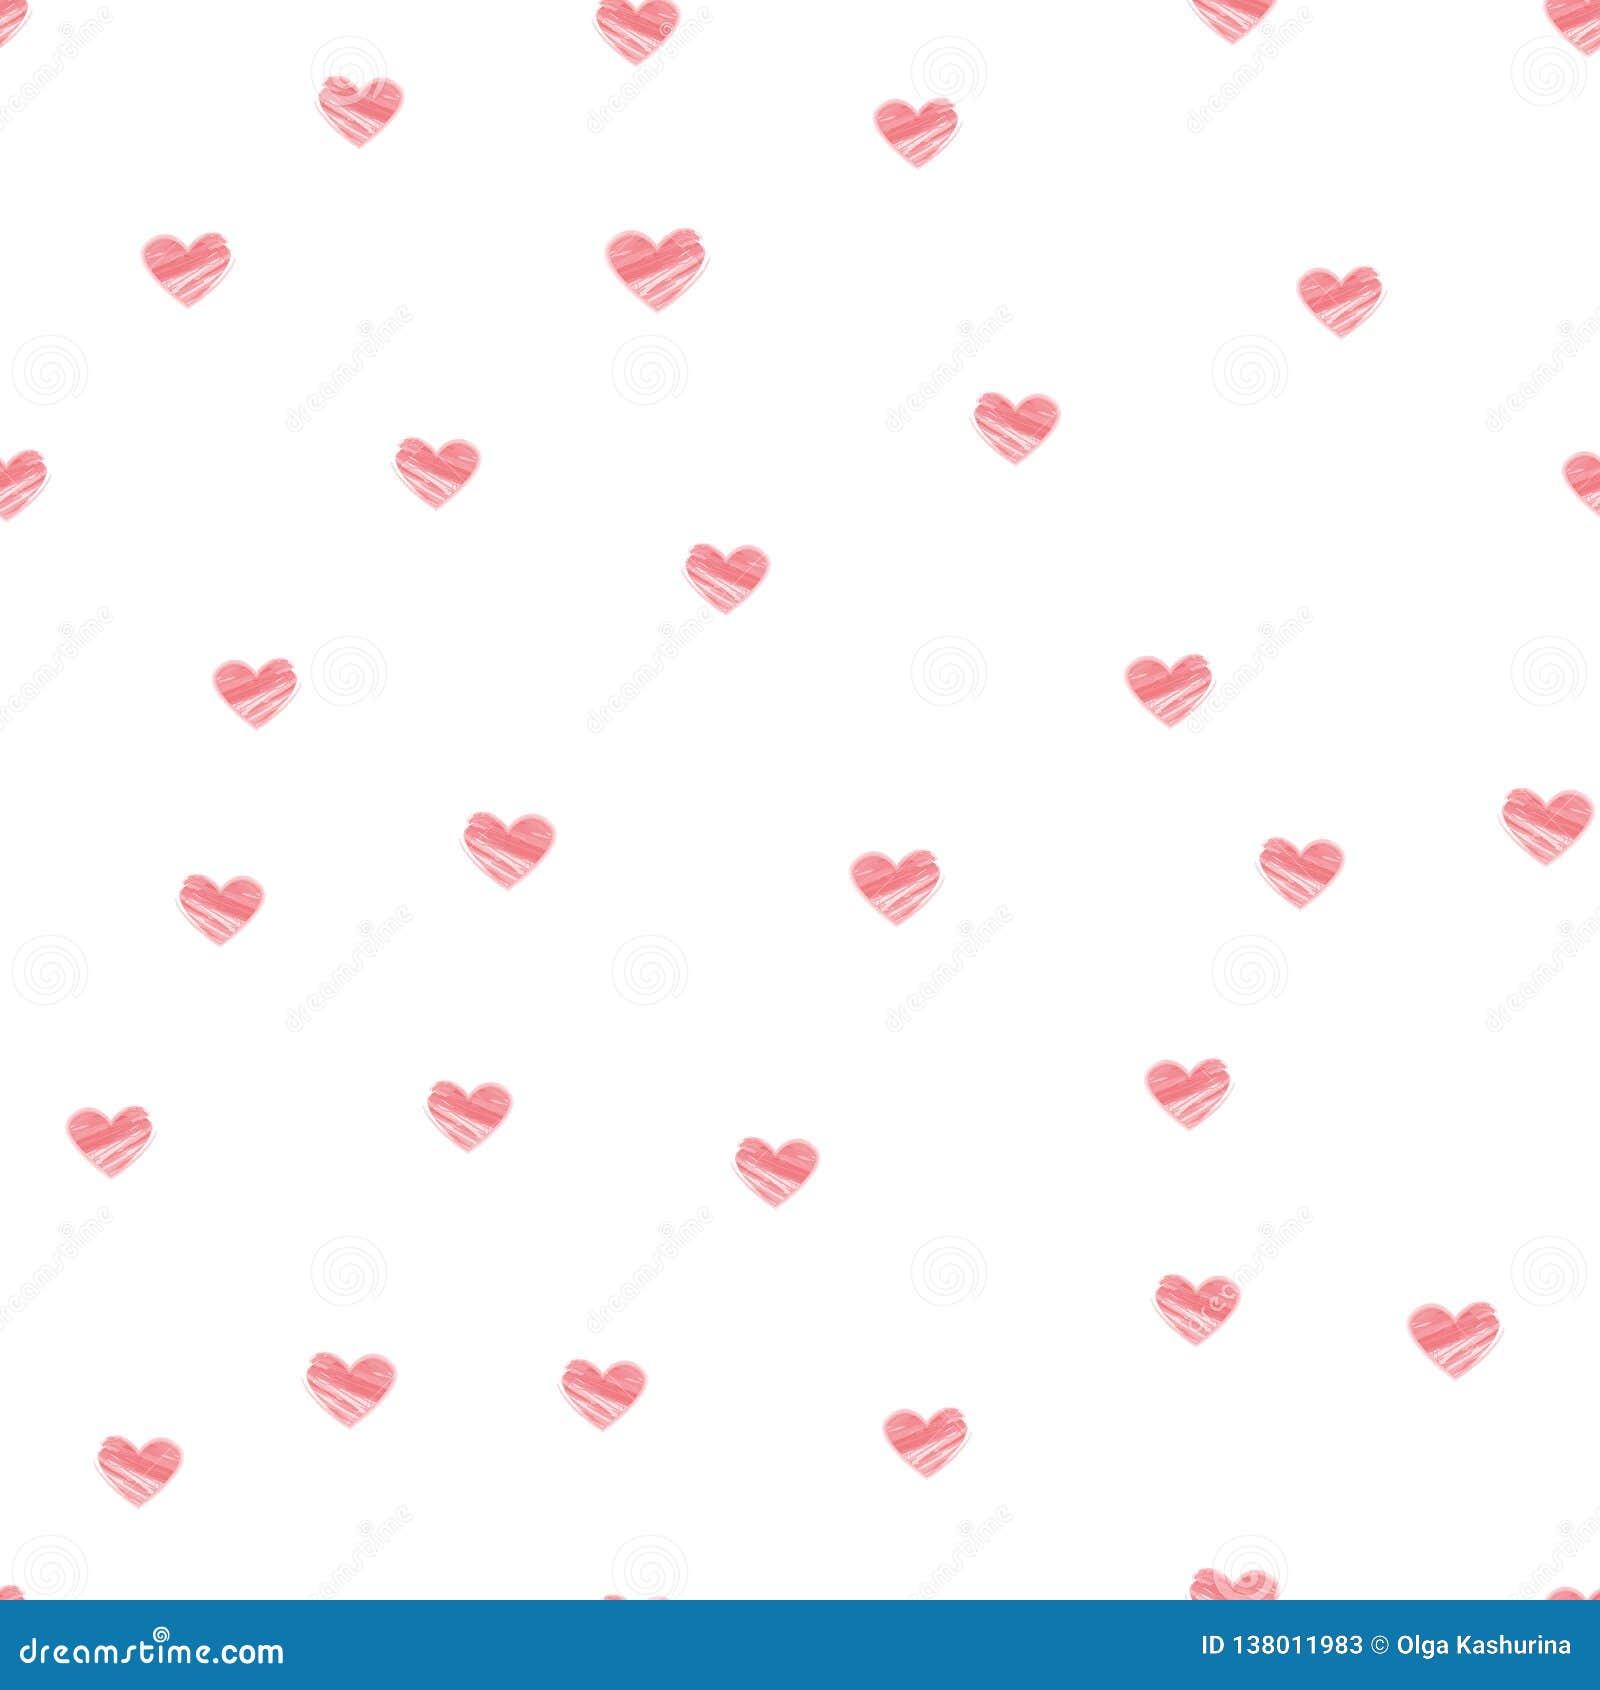 Sömlös modell för pastellfärgad hjärta på vit bakgrund - vektor